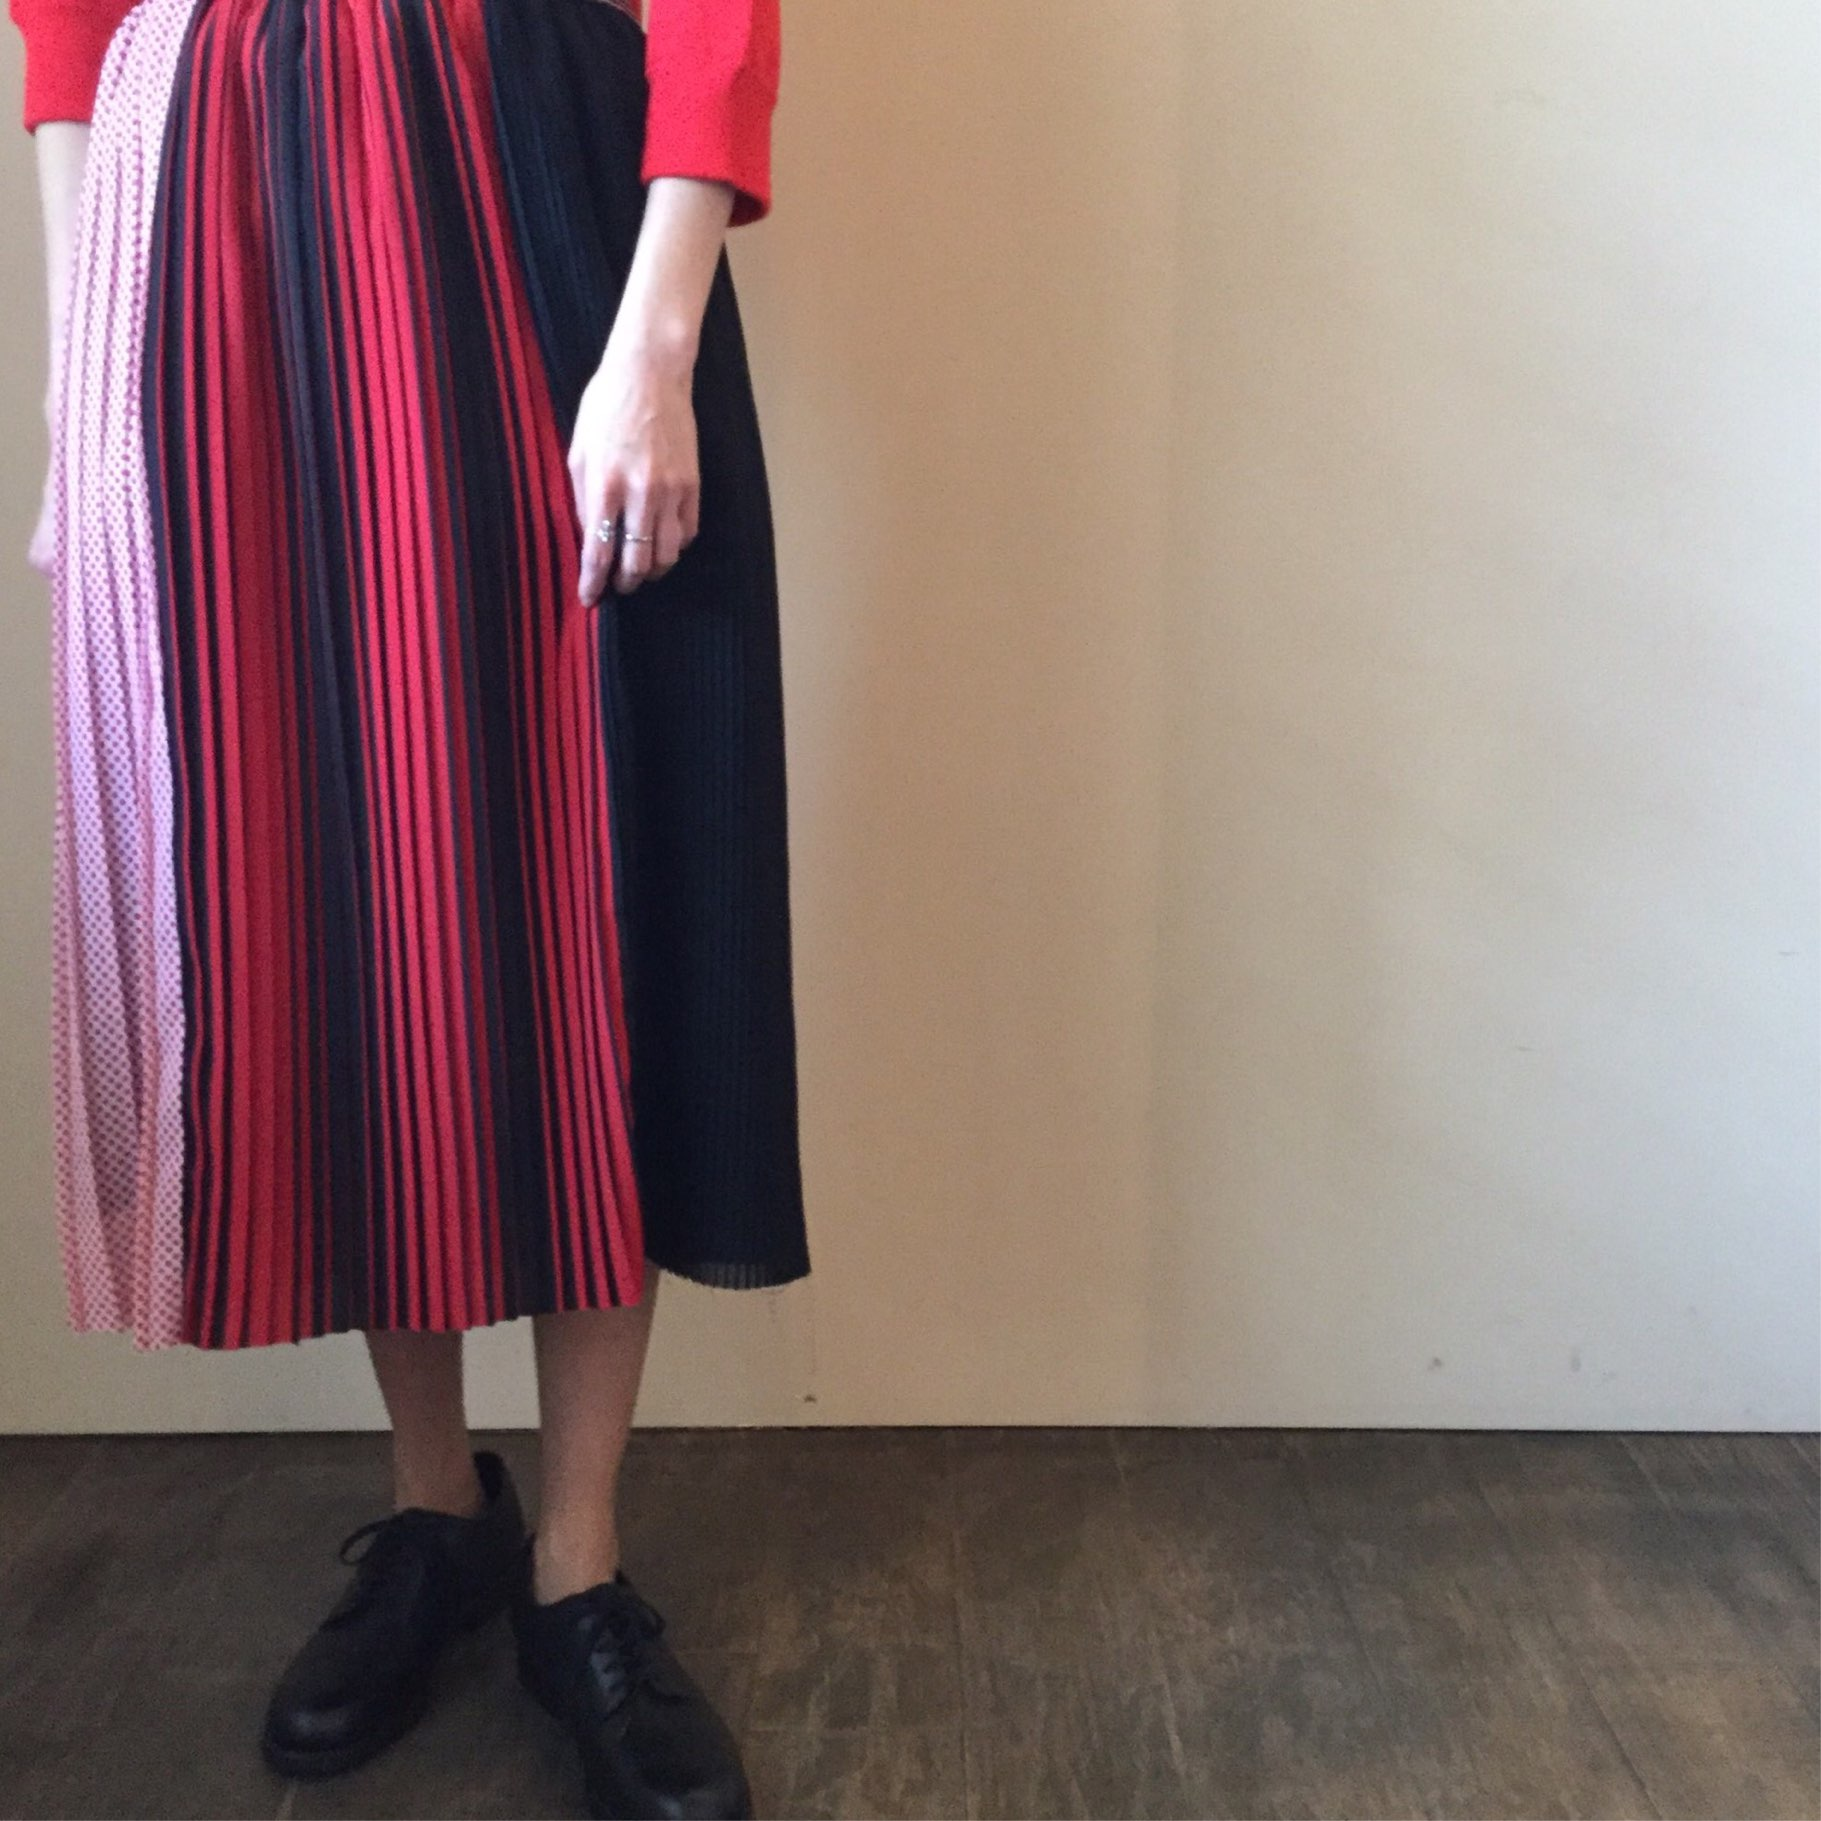 春夏NÒMA t.d.(ノーマ ティーディー)のプリーツスカートです